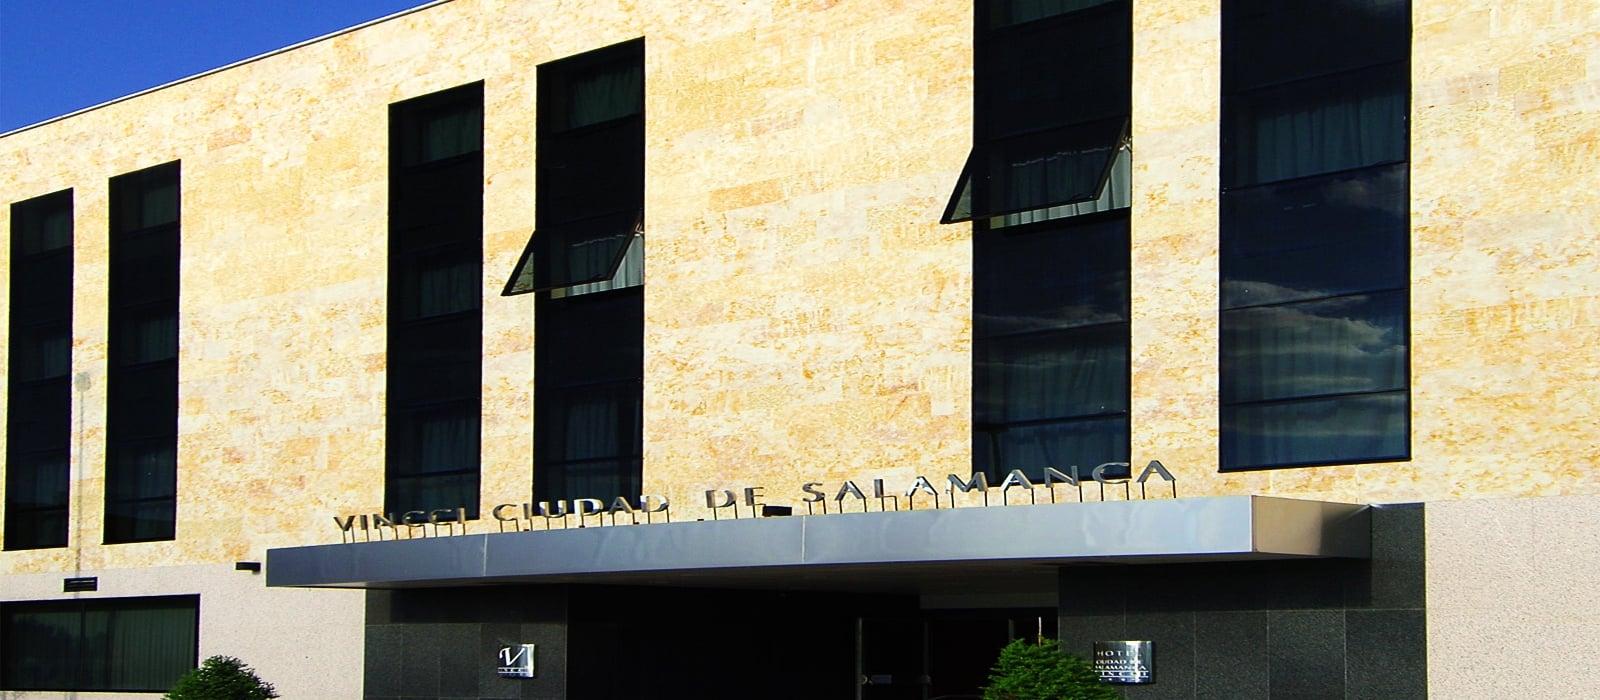 Facade-Hoteles Vincci. Hotel Vincci Ciudad de Salamanca